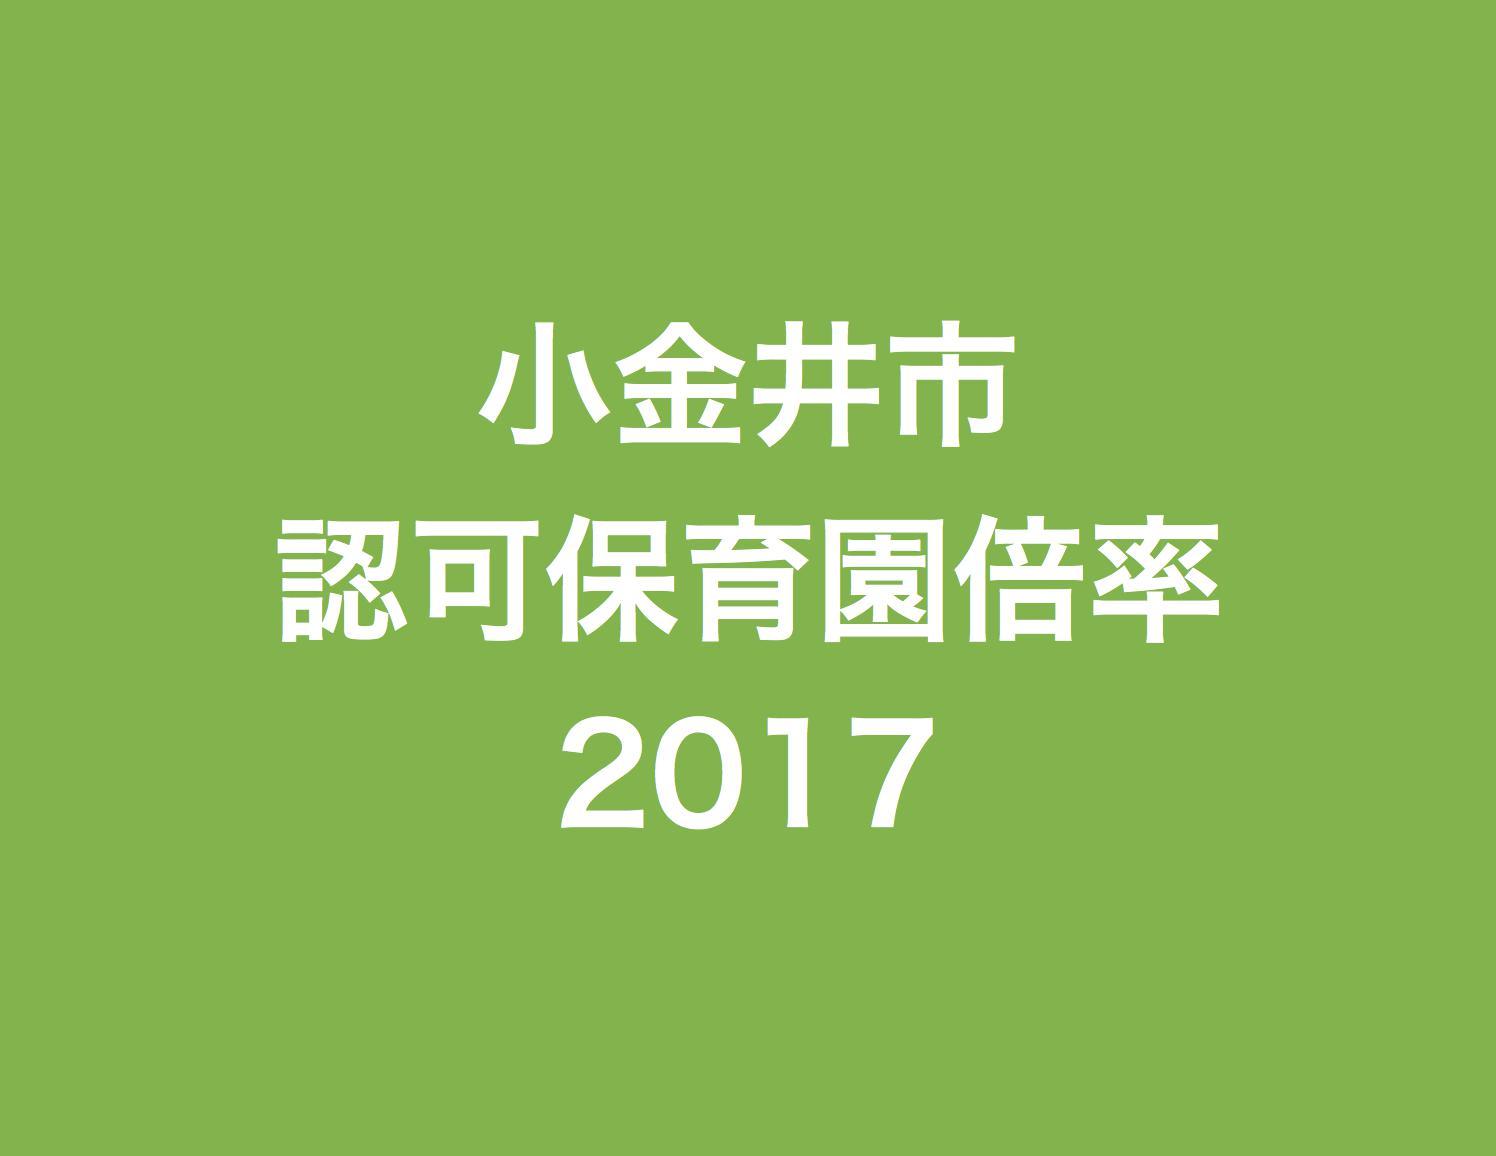 小金井市認可保育園倍率2017